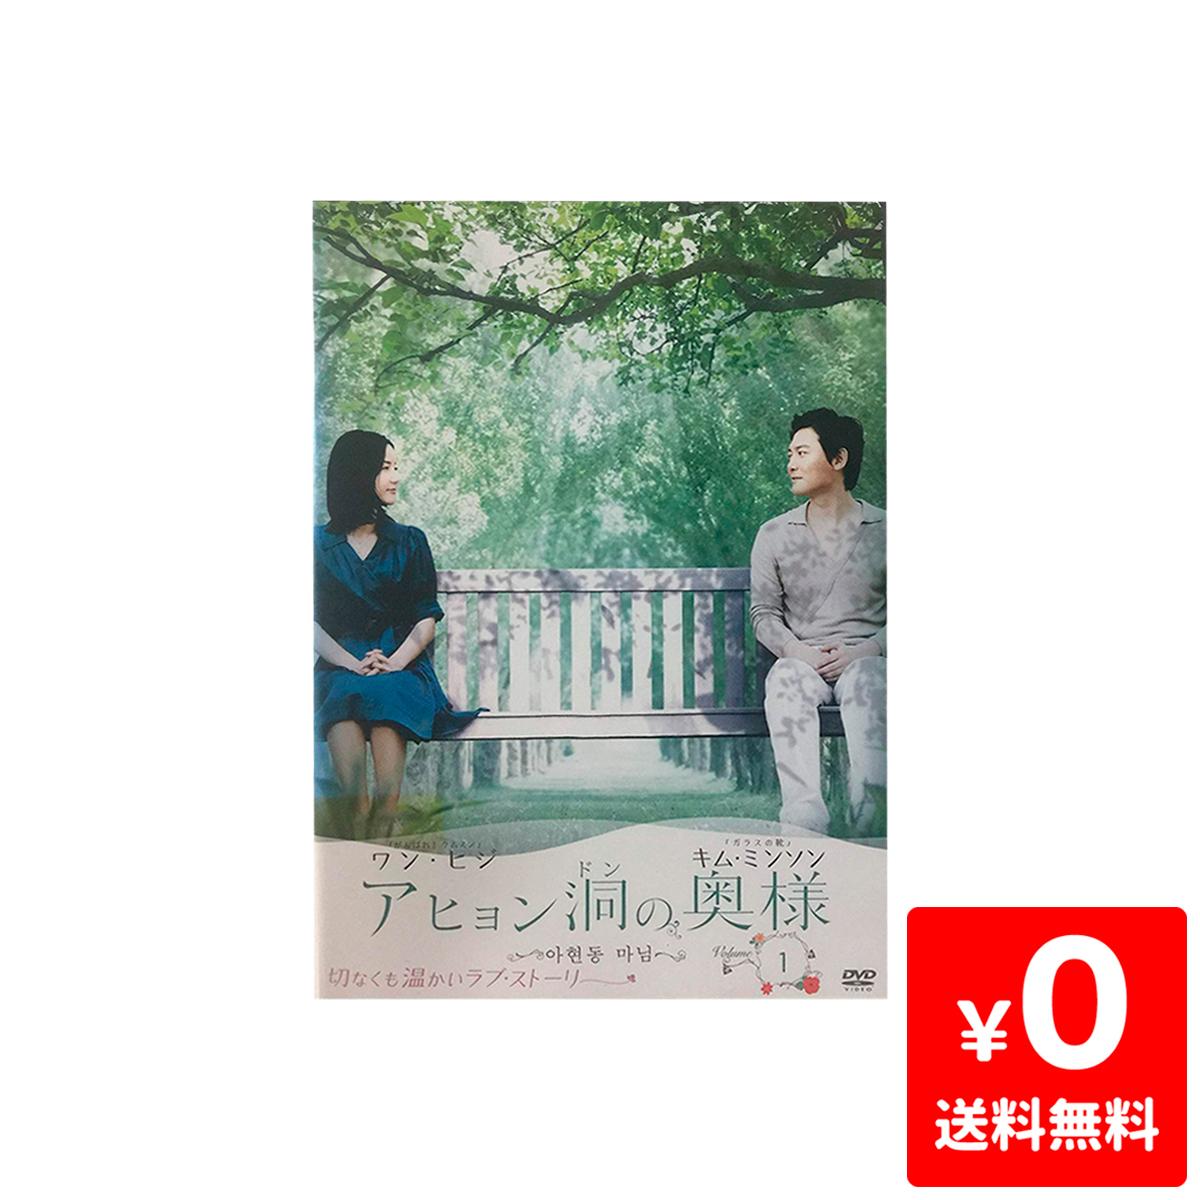 アヒョン洞の奥様 全51巻 セット まとめ売り 【中古】 レンタルアップ 送料無料